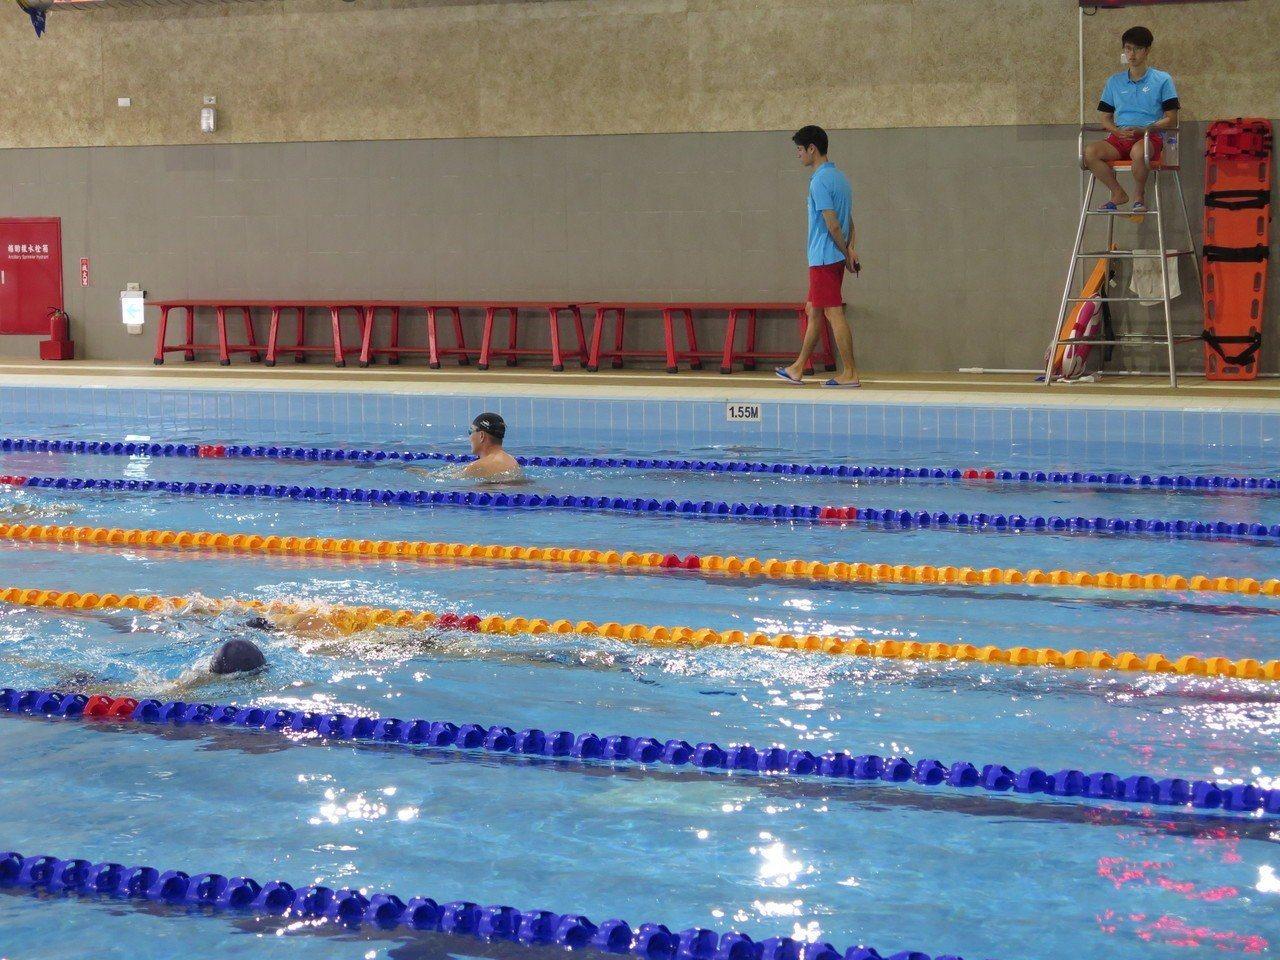 桃園國民運動中心5月啟用,民眾反映泳池淋浴間沒有乾濕分離容易髒。圖/報系資料照